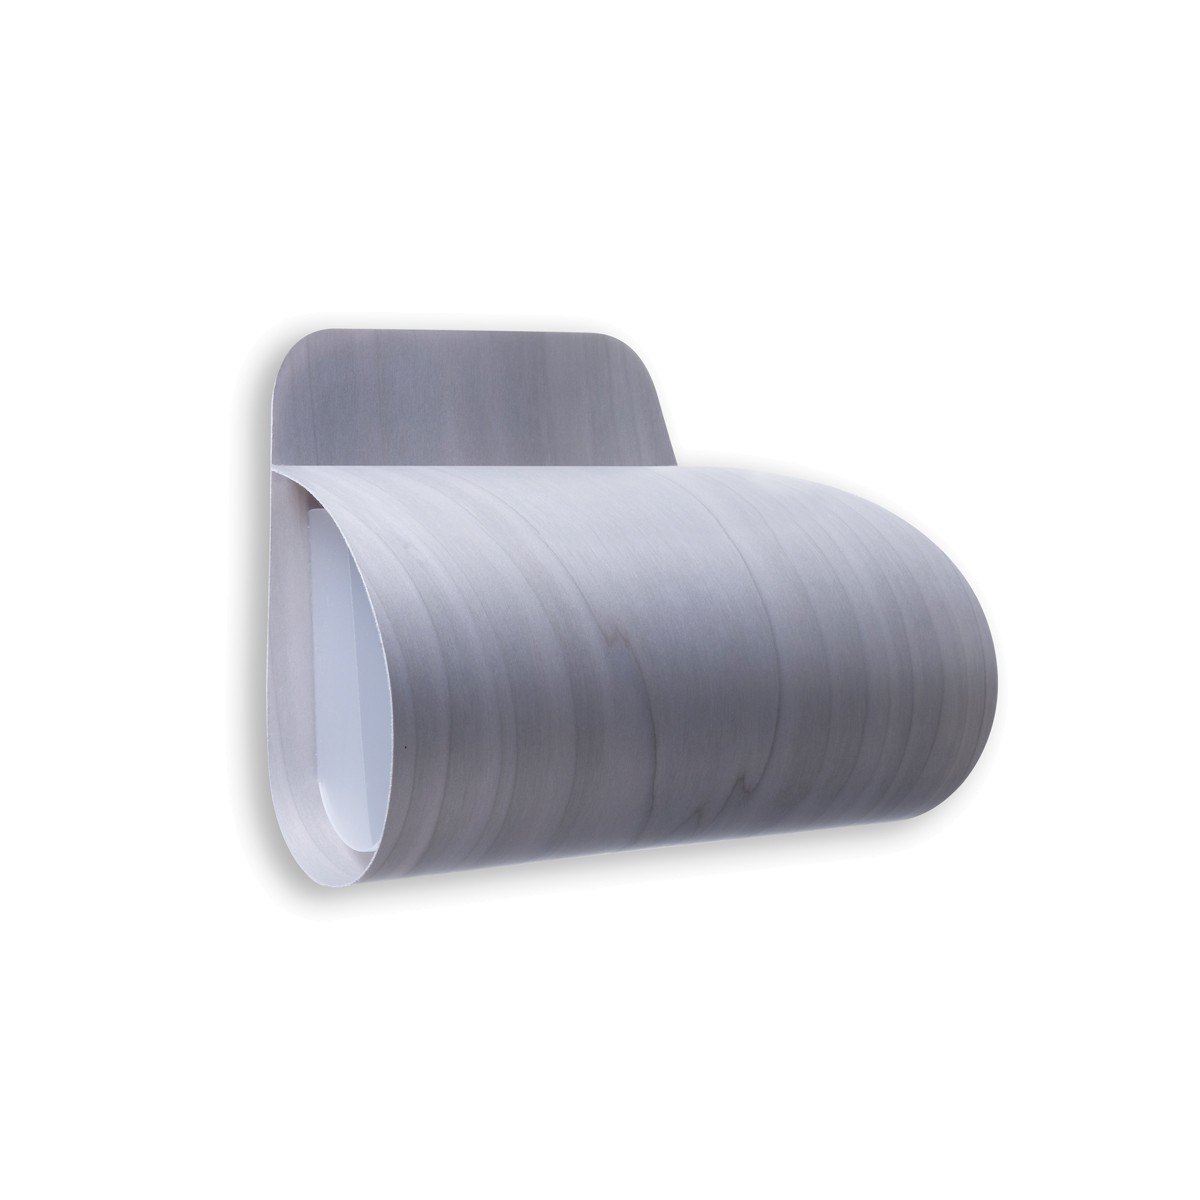 LZF Lamps Pleg LED Wandleuchte, grau